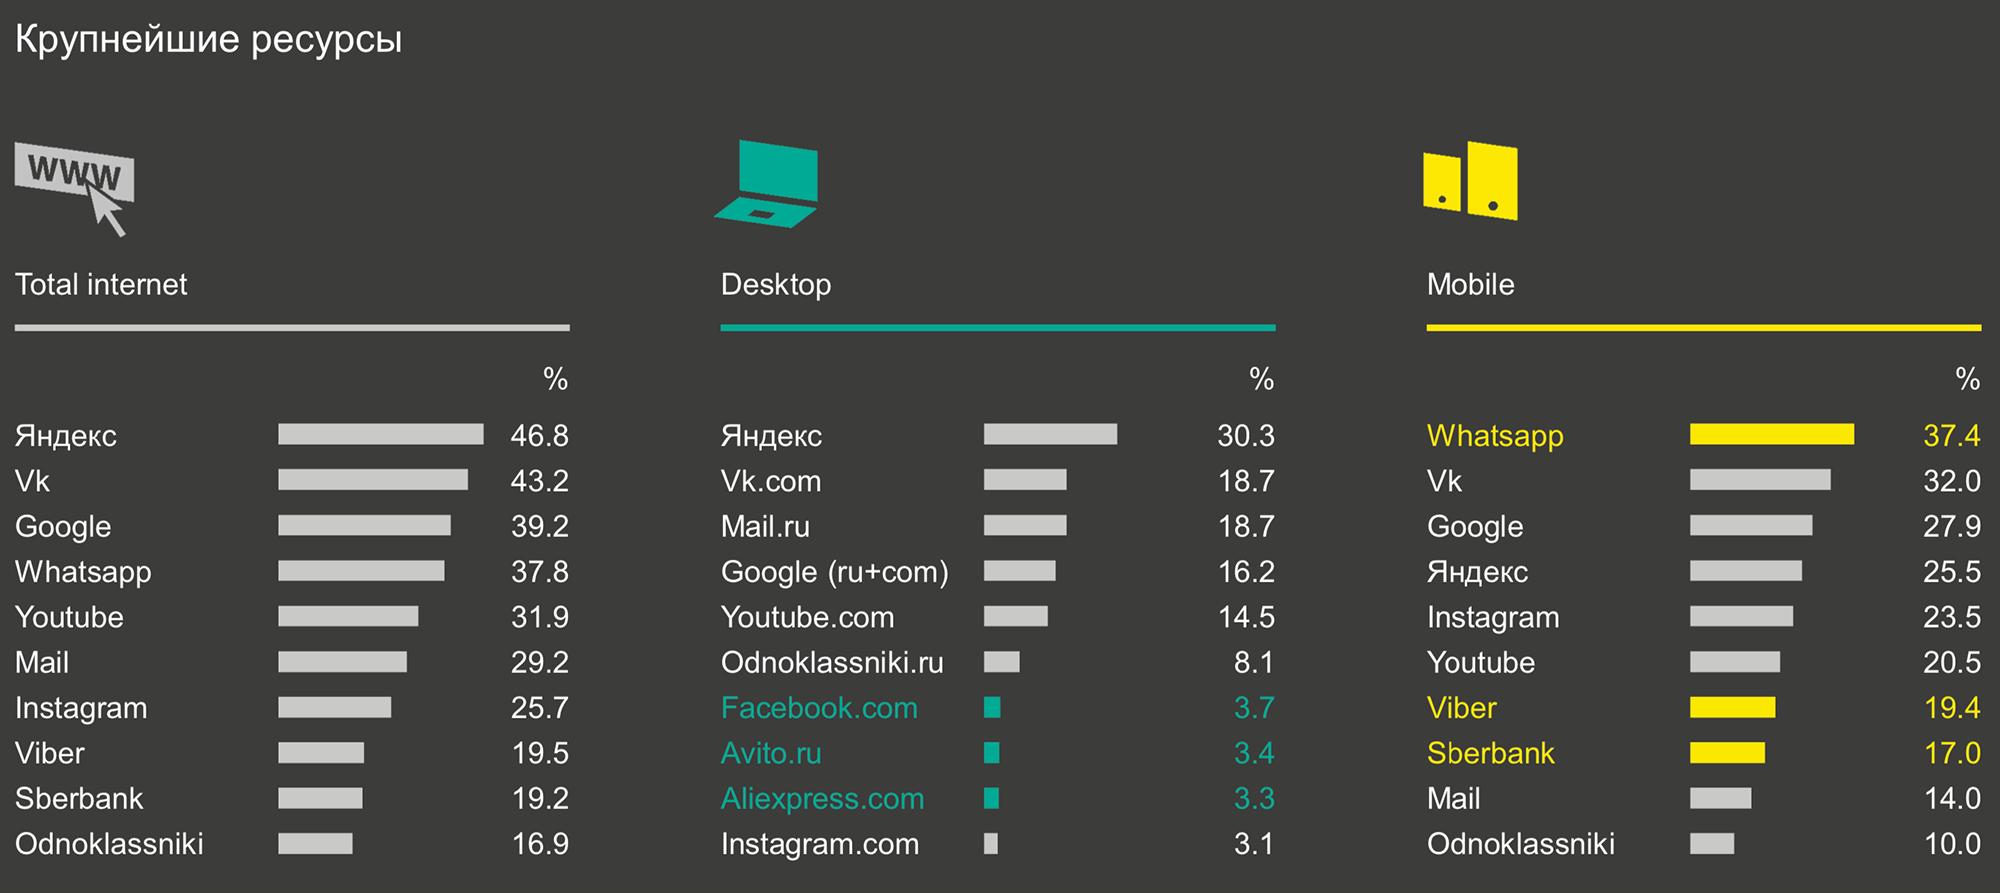 Яндекс — лидер как сайт, но из-за отсутствия дополнительных площадок проигрывает Гуглу и Мэйл-ру. Исследование Mediascope: аудитория интернета в России, стр. 10